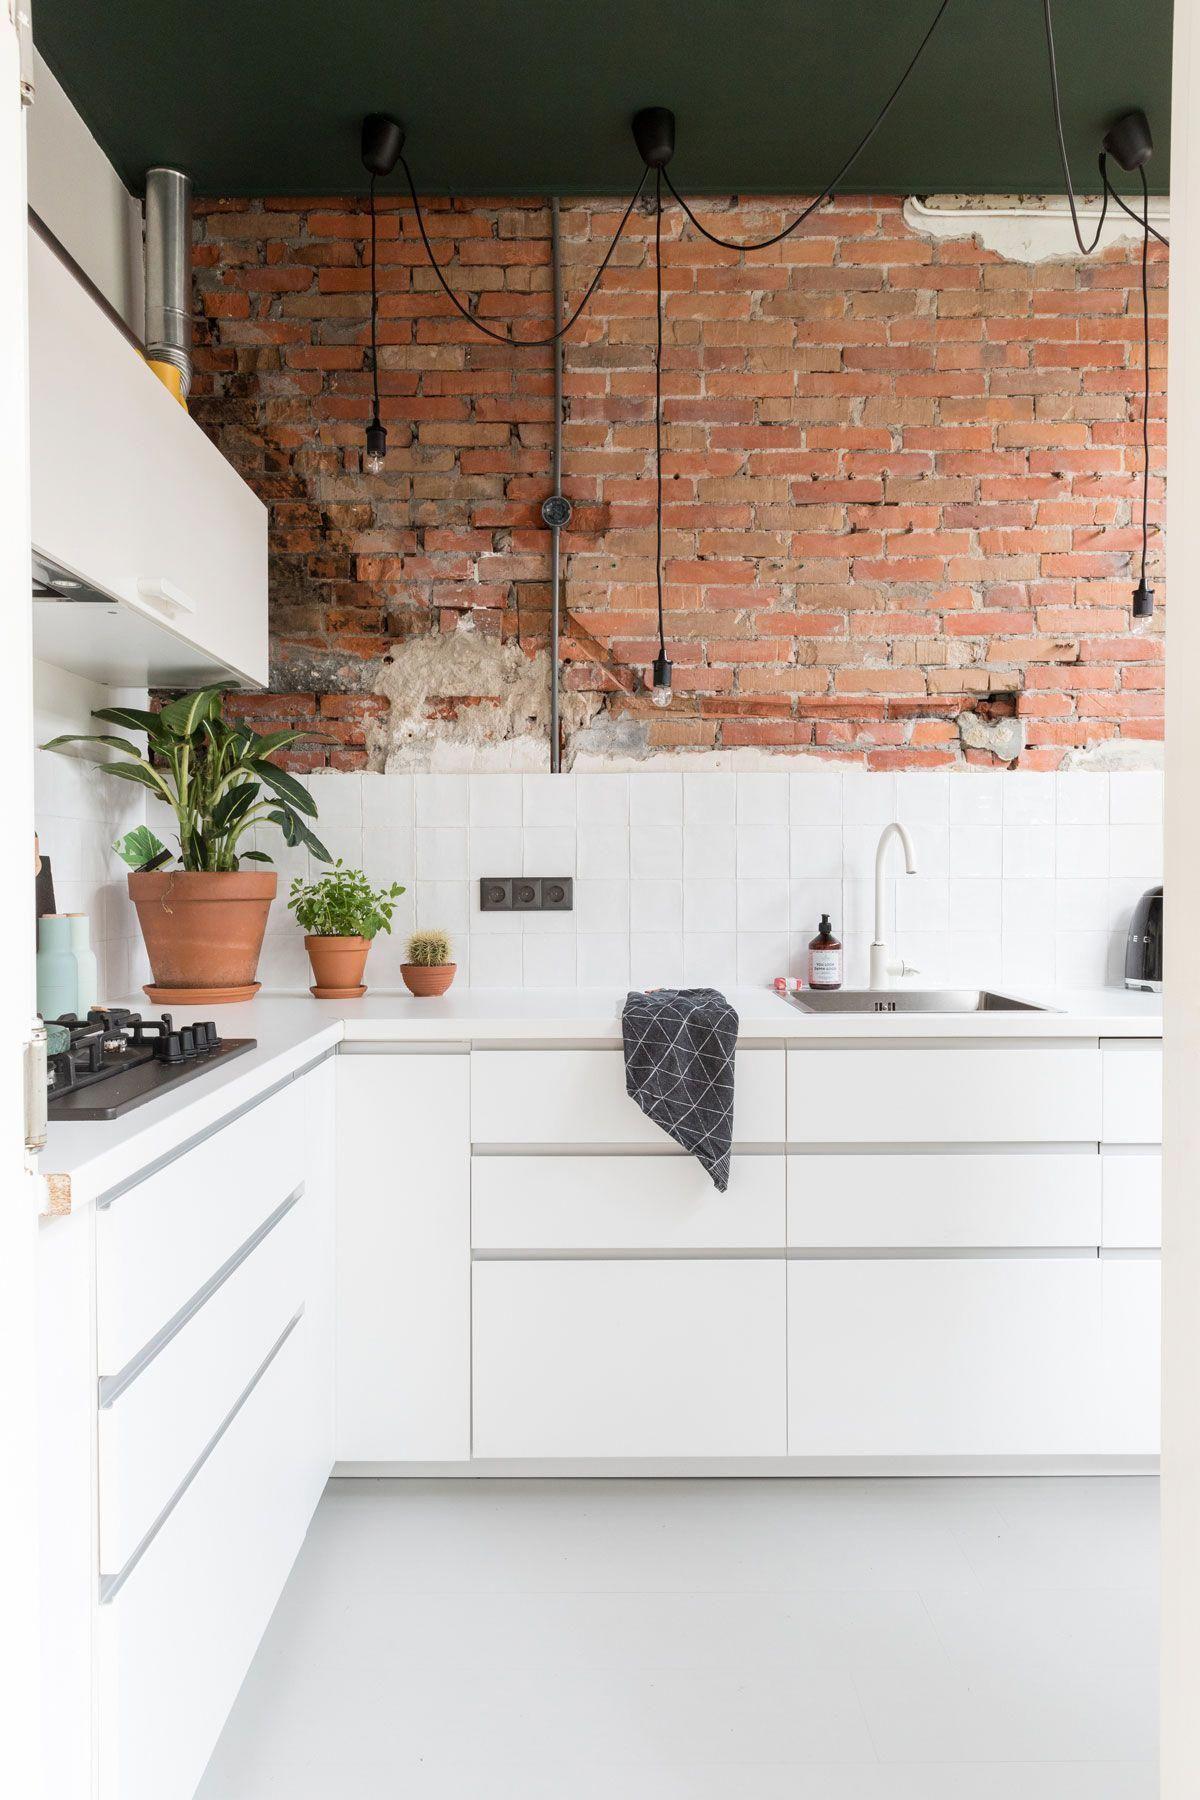 Strak Natuurlijk Een Tegenhanger Van De Strakke Keuken Is De Bakstenen Muur A Counterpart To The Sleek K Brick Wall Kitchen Modern Kitchen Brick Kitchen